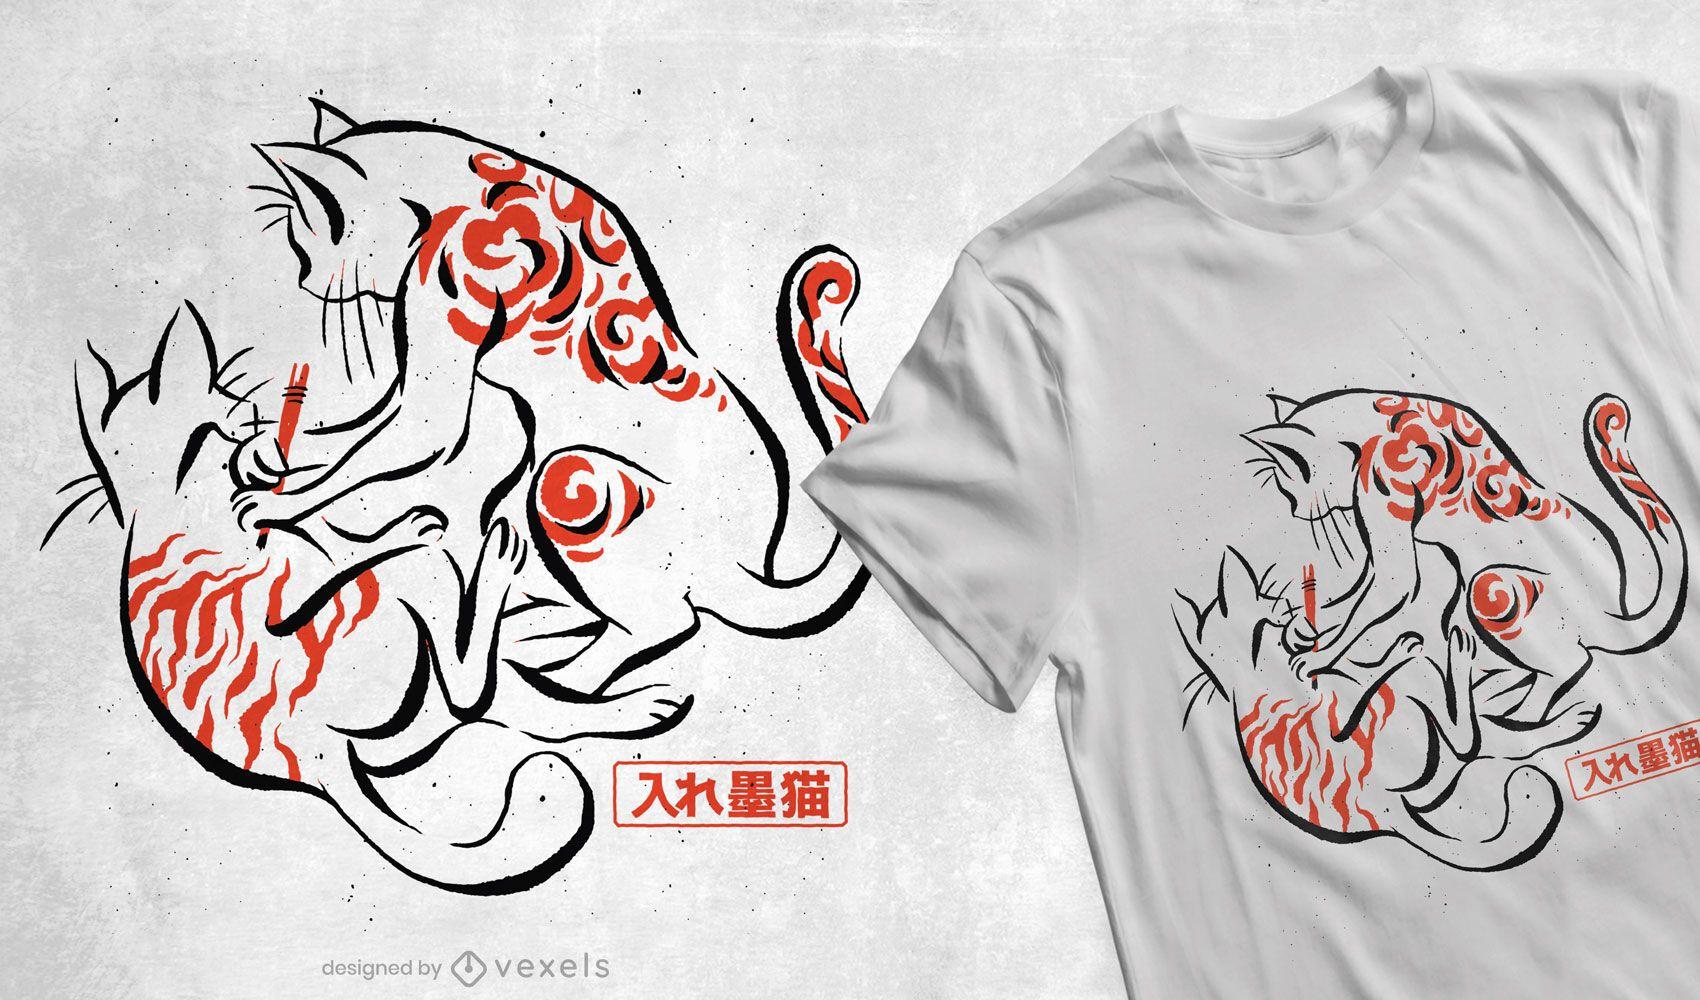 Japanese cats tattoo t-shirt design